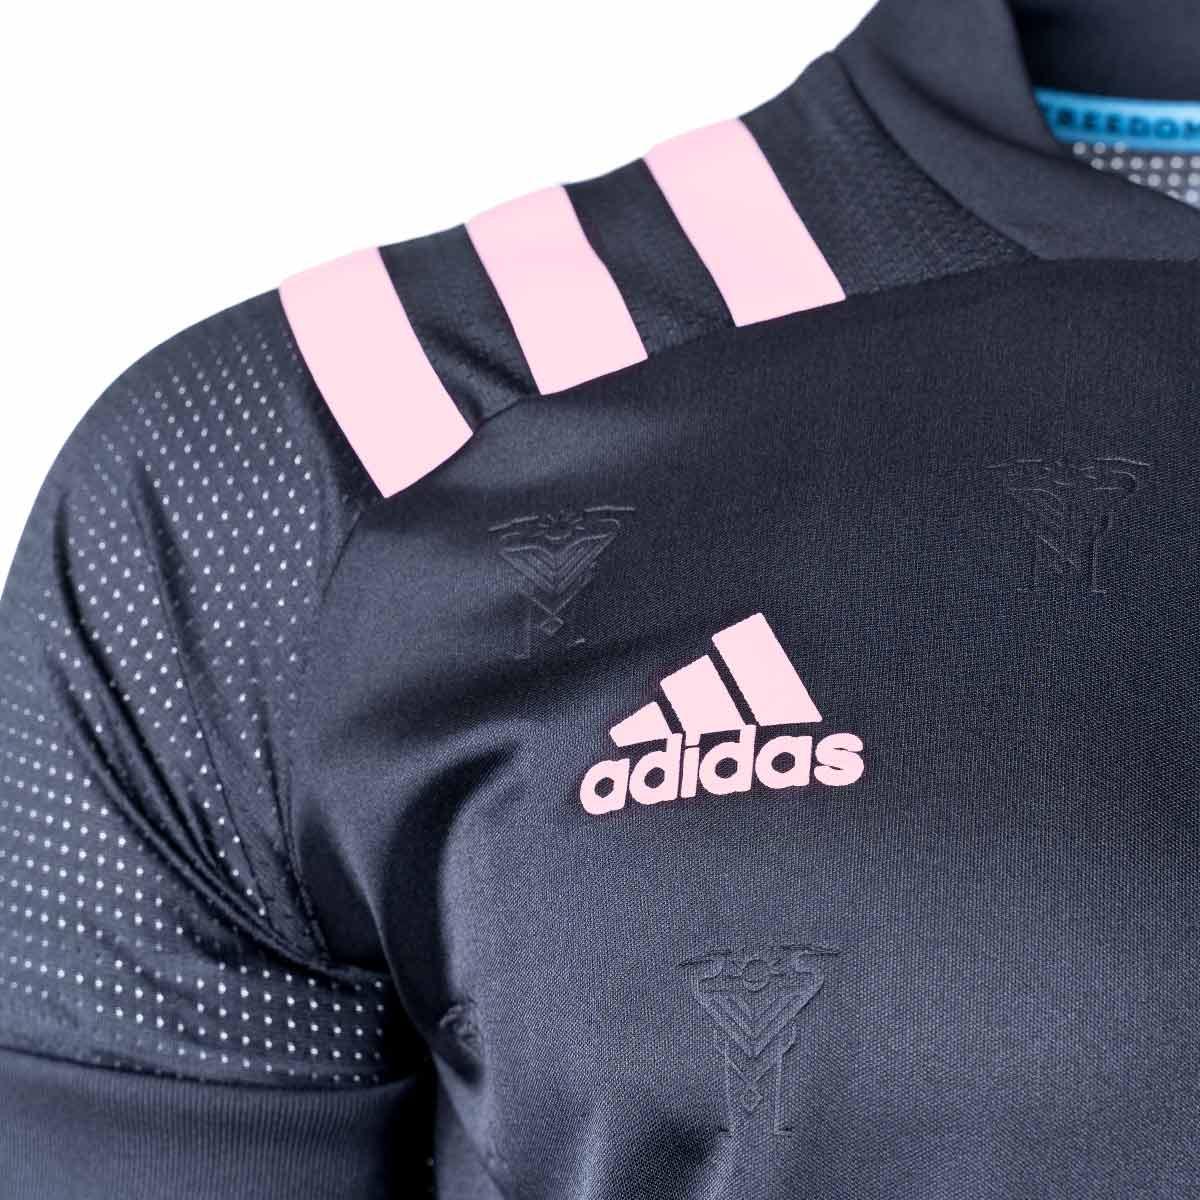 Lojas e produtos da Adidas em Miami 2019 | Design de loja